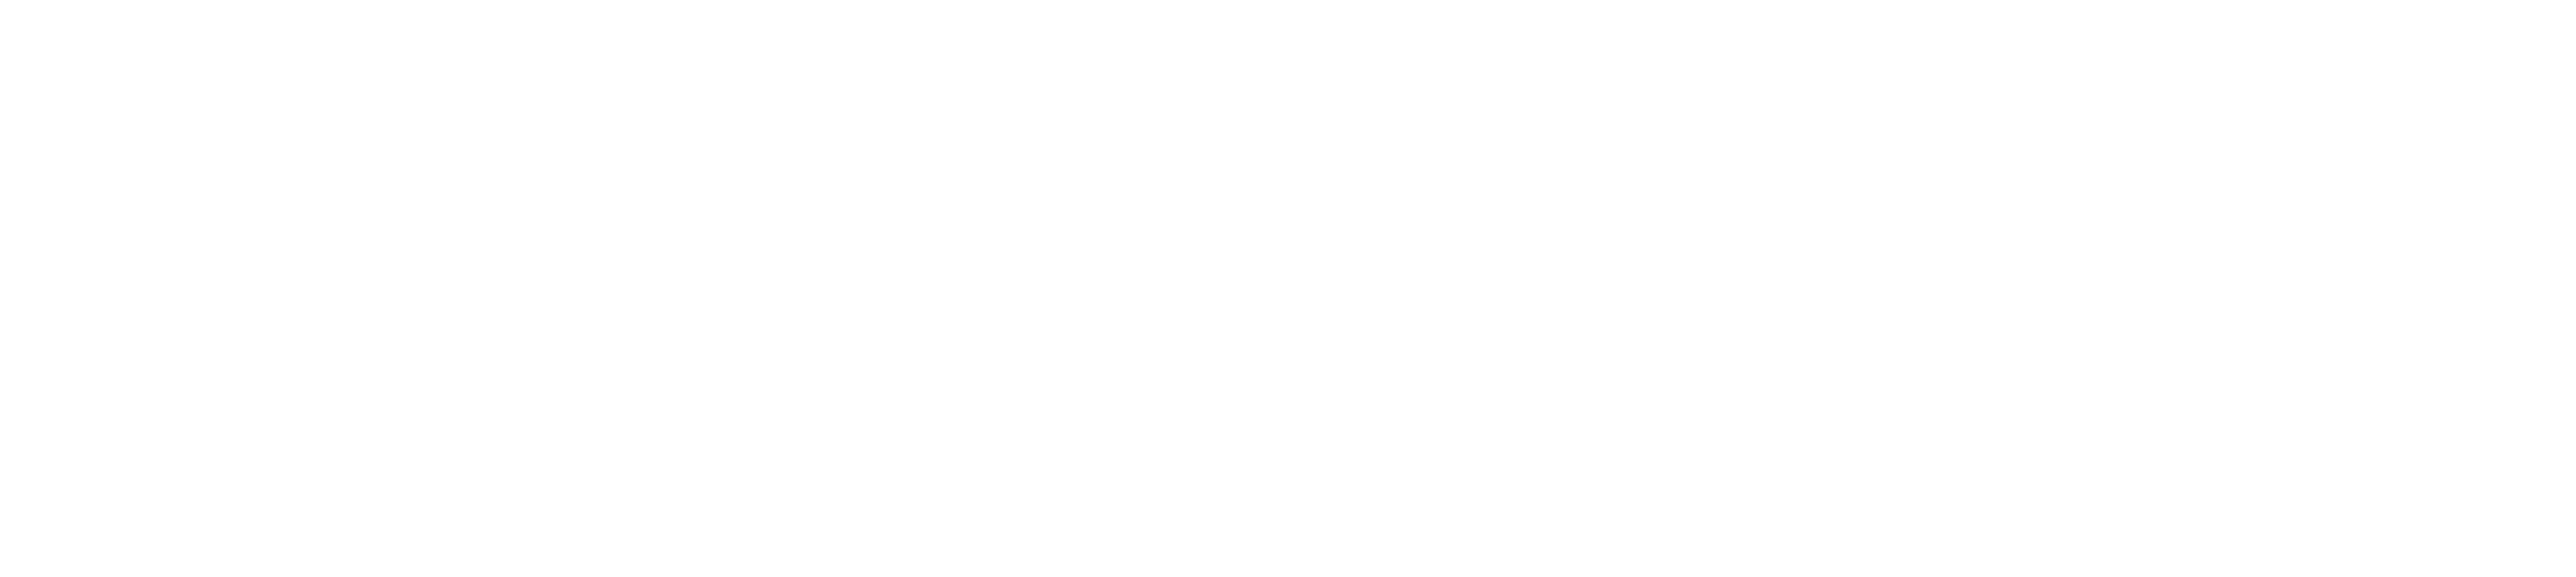 볼턴 뉴스